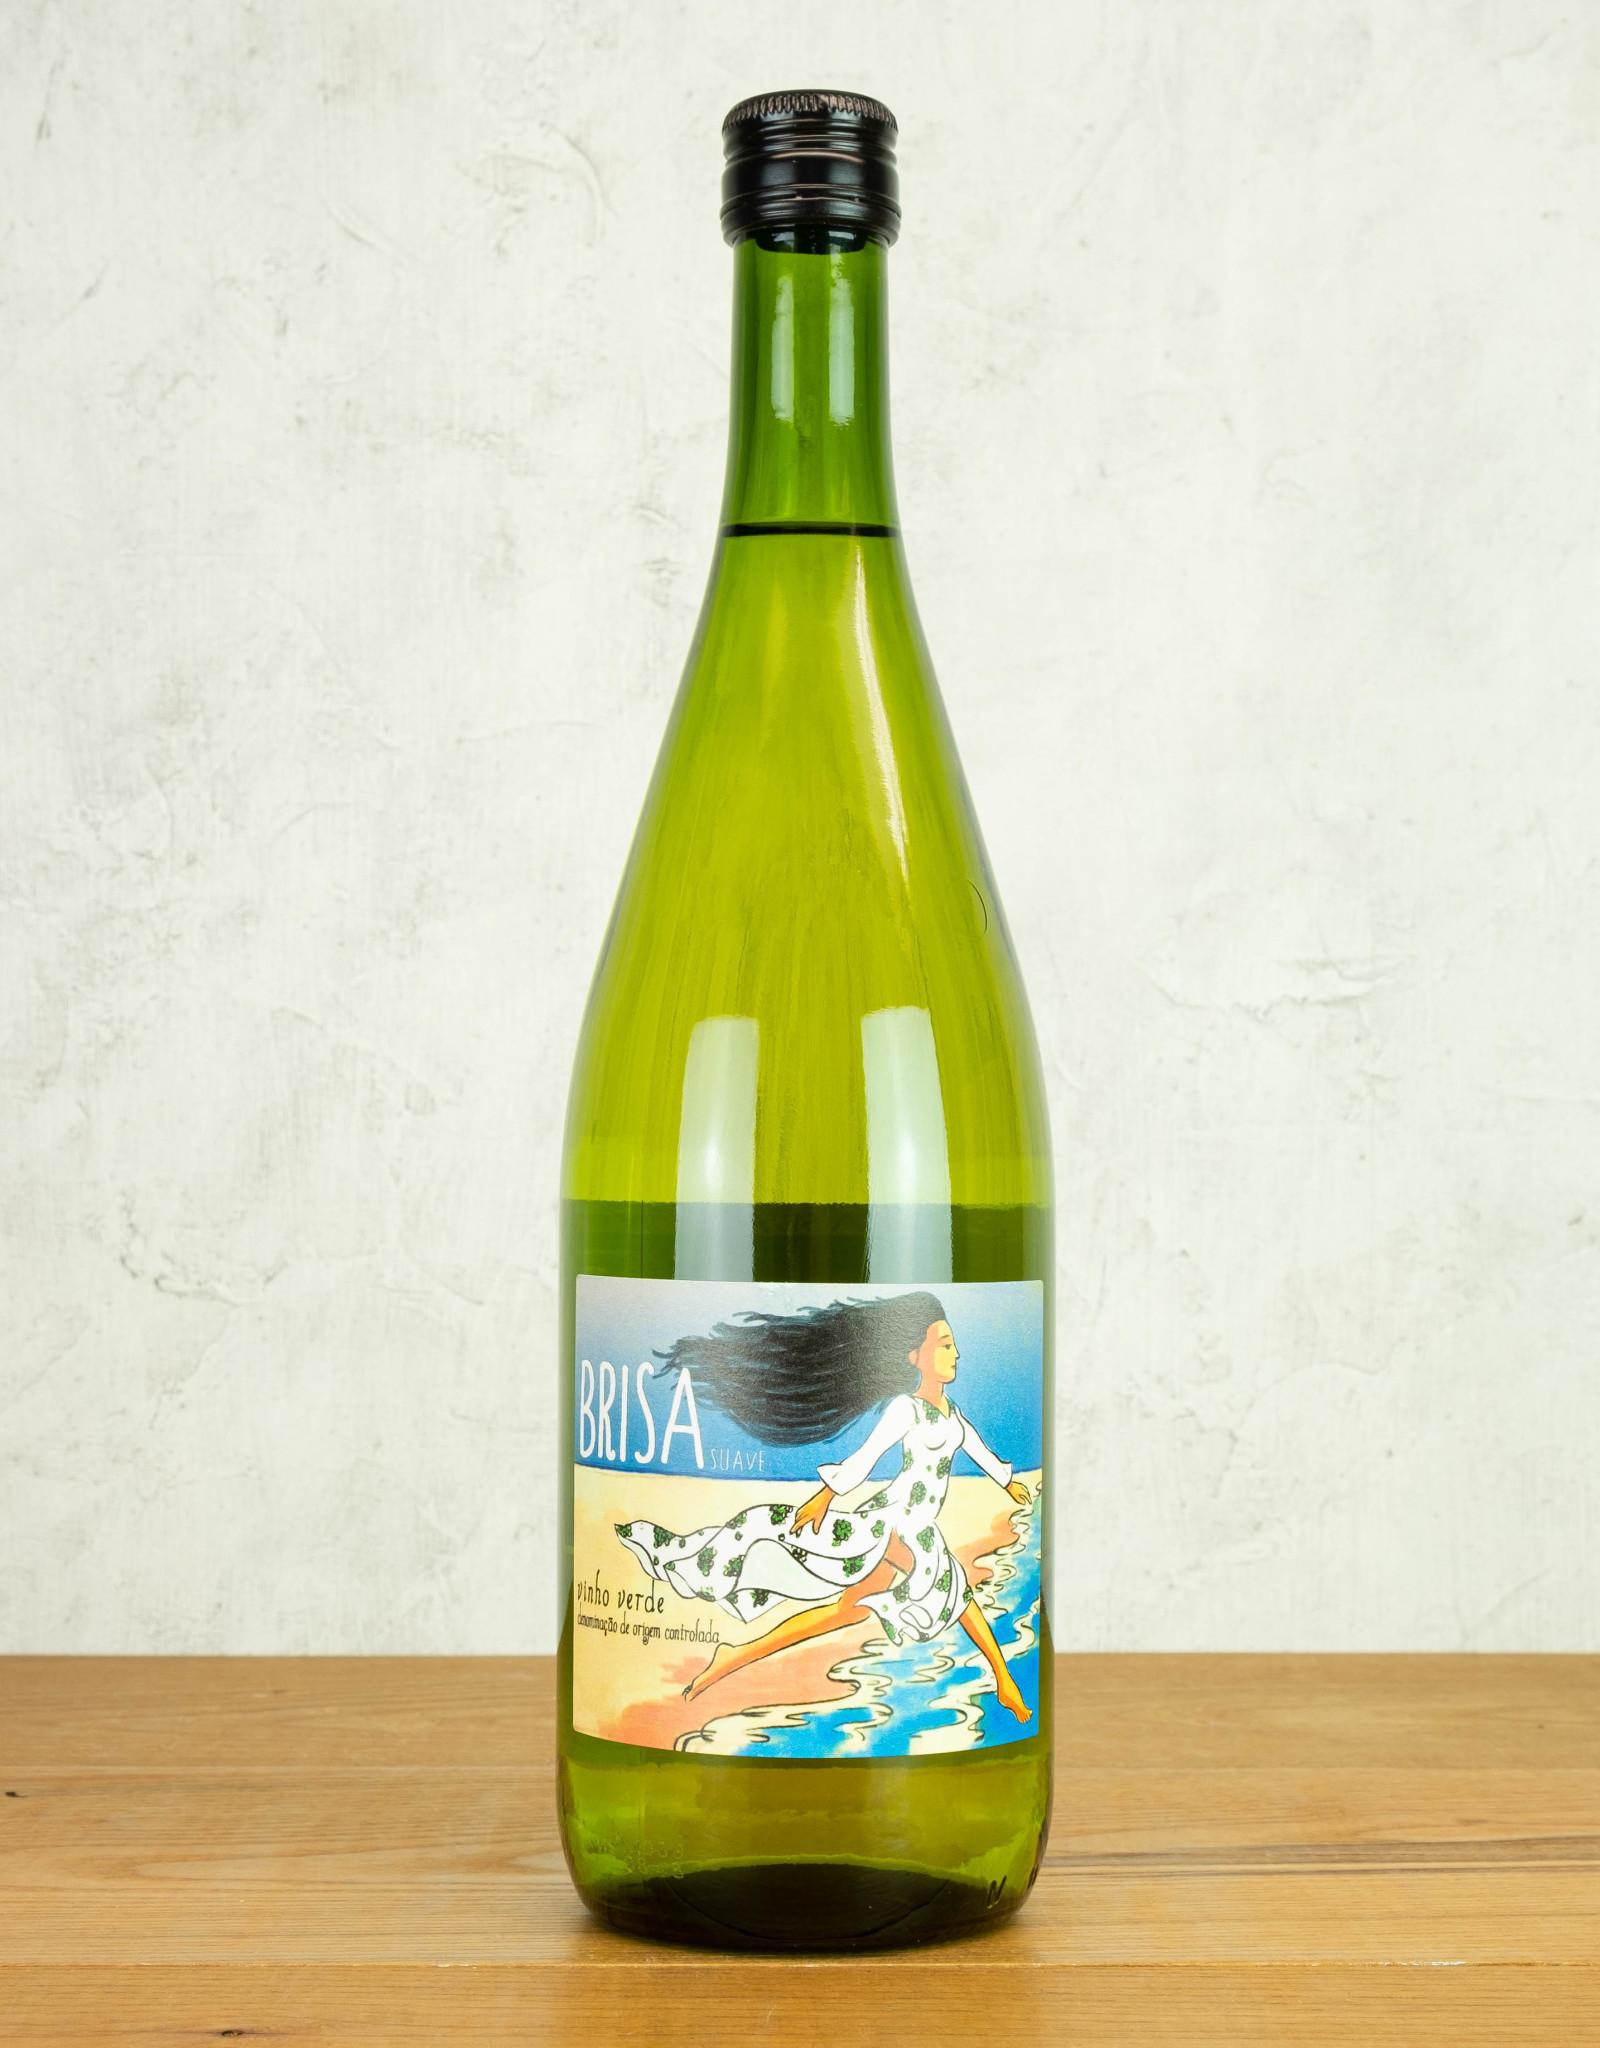 Brisa Suave Vinho Verde 1L